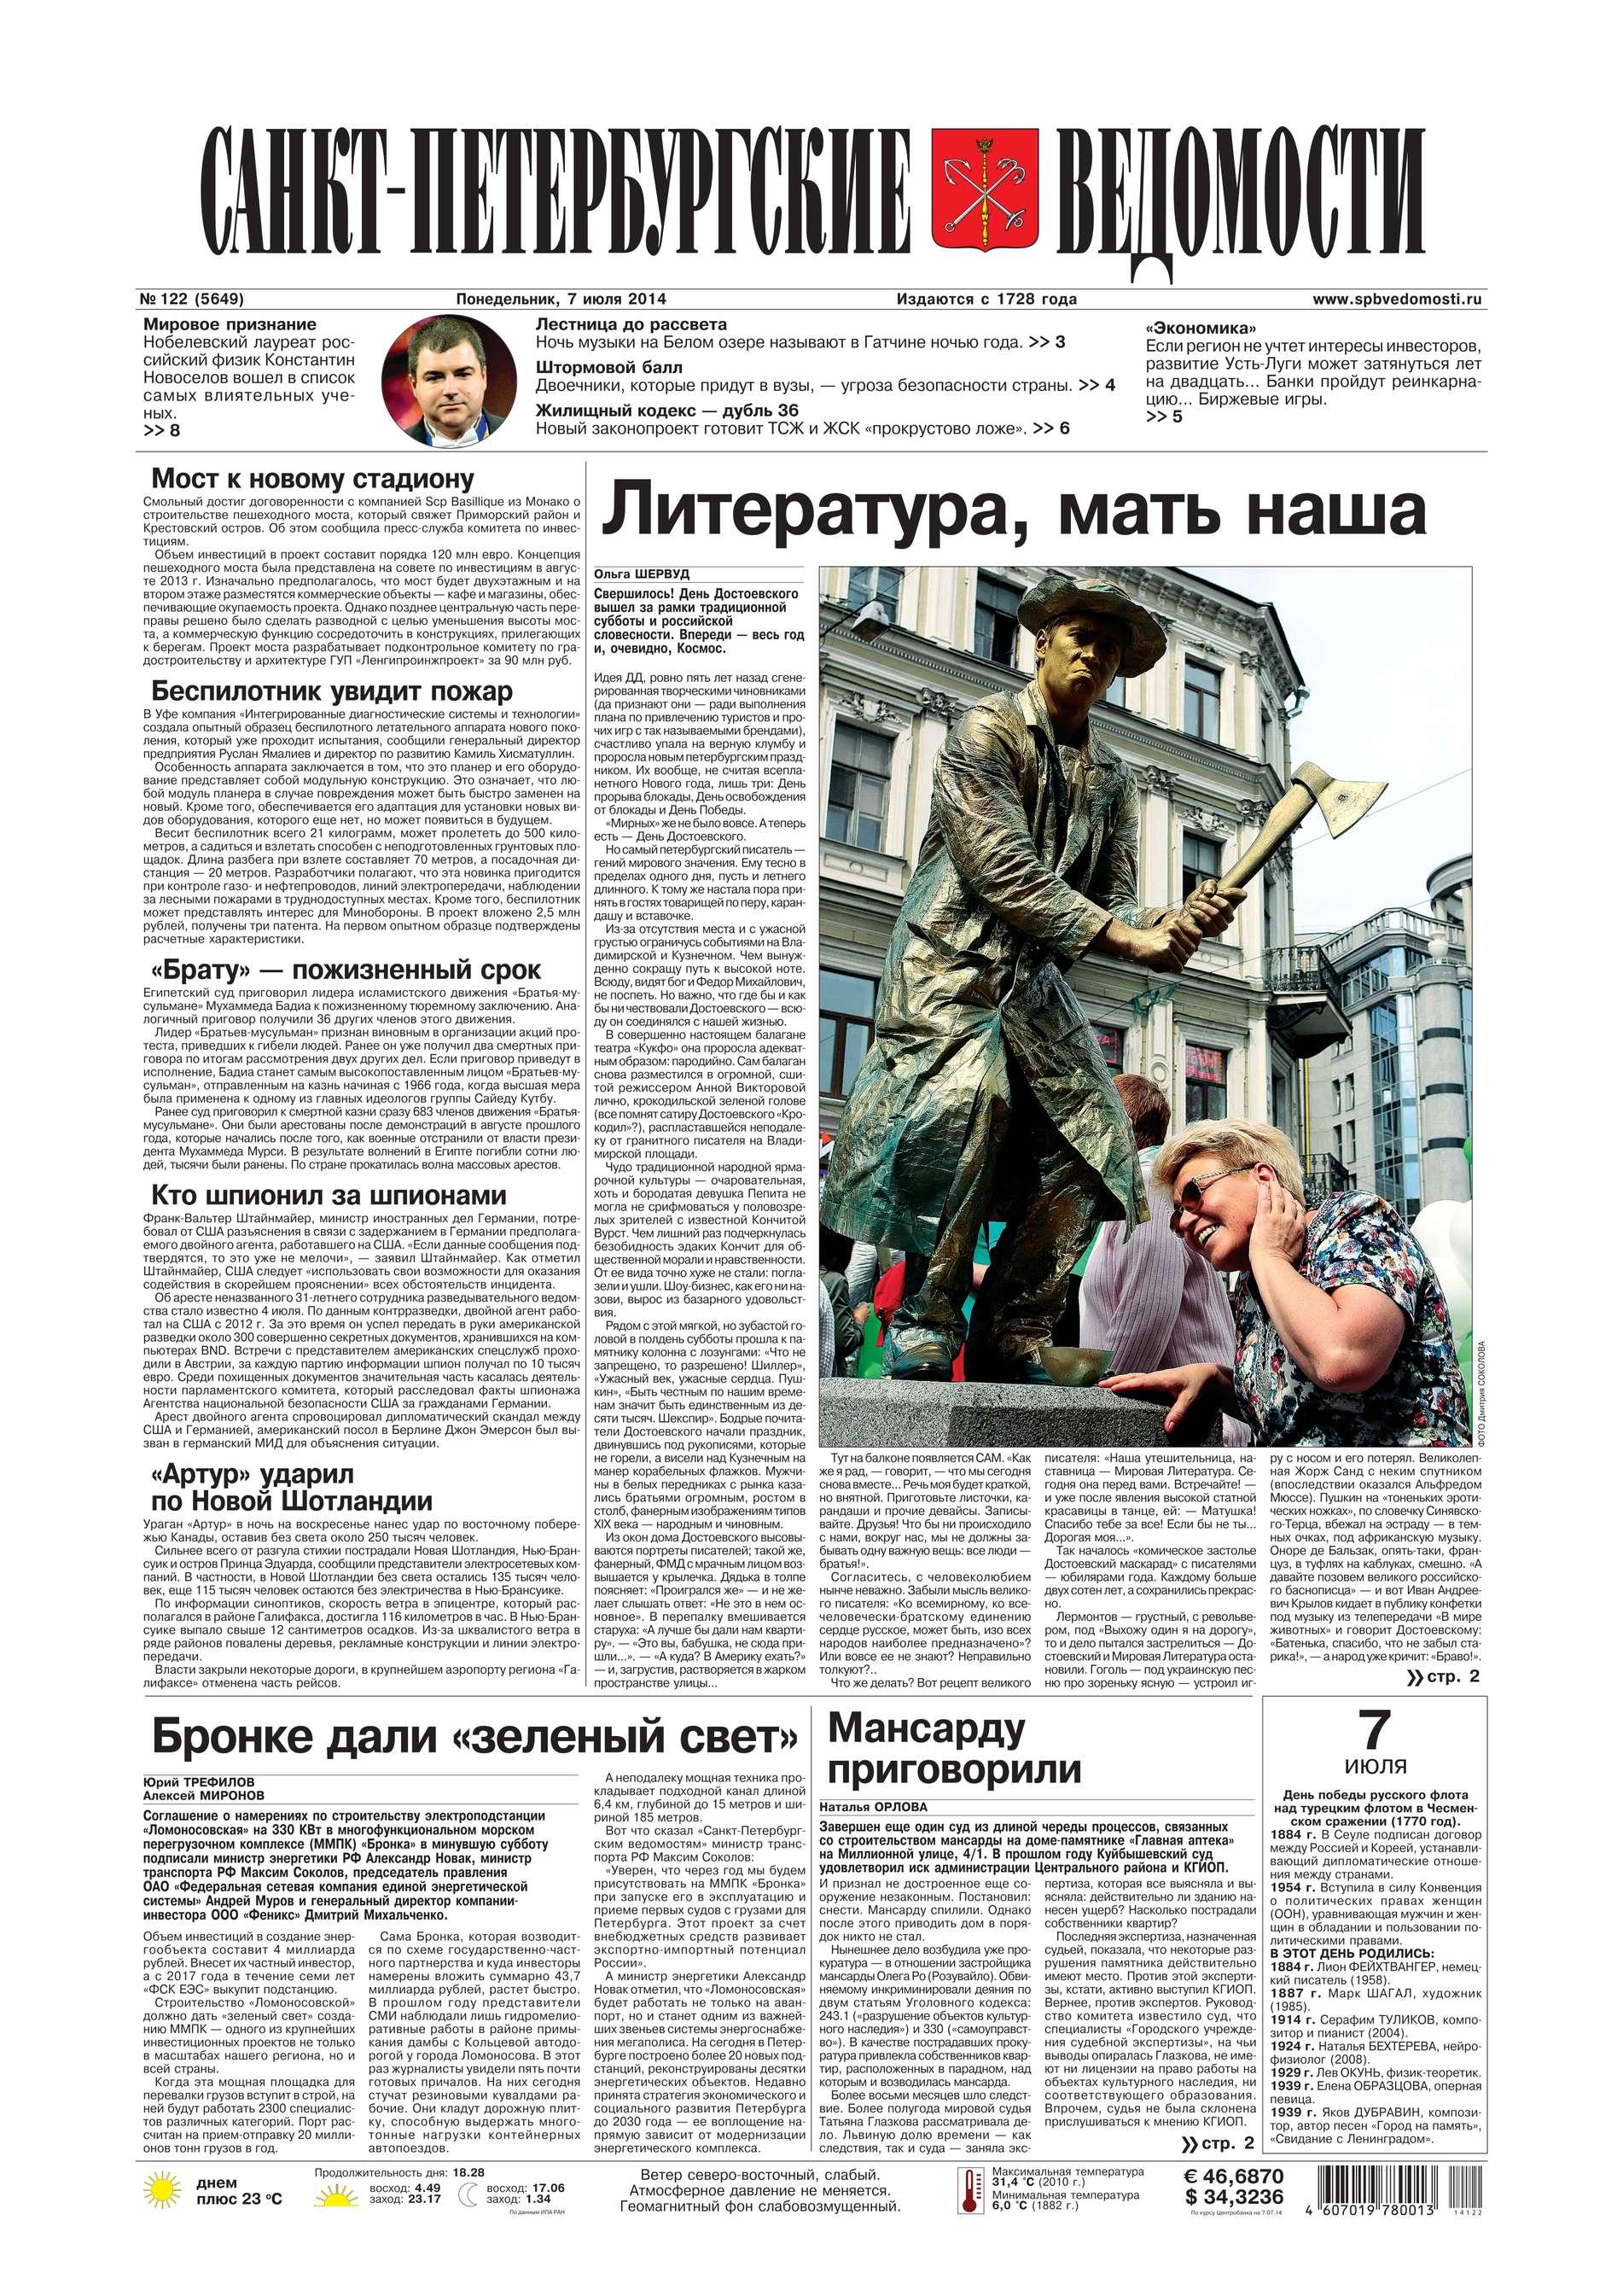 Санкт-Петербургские ведомости 122-2014